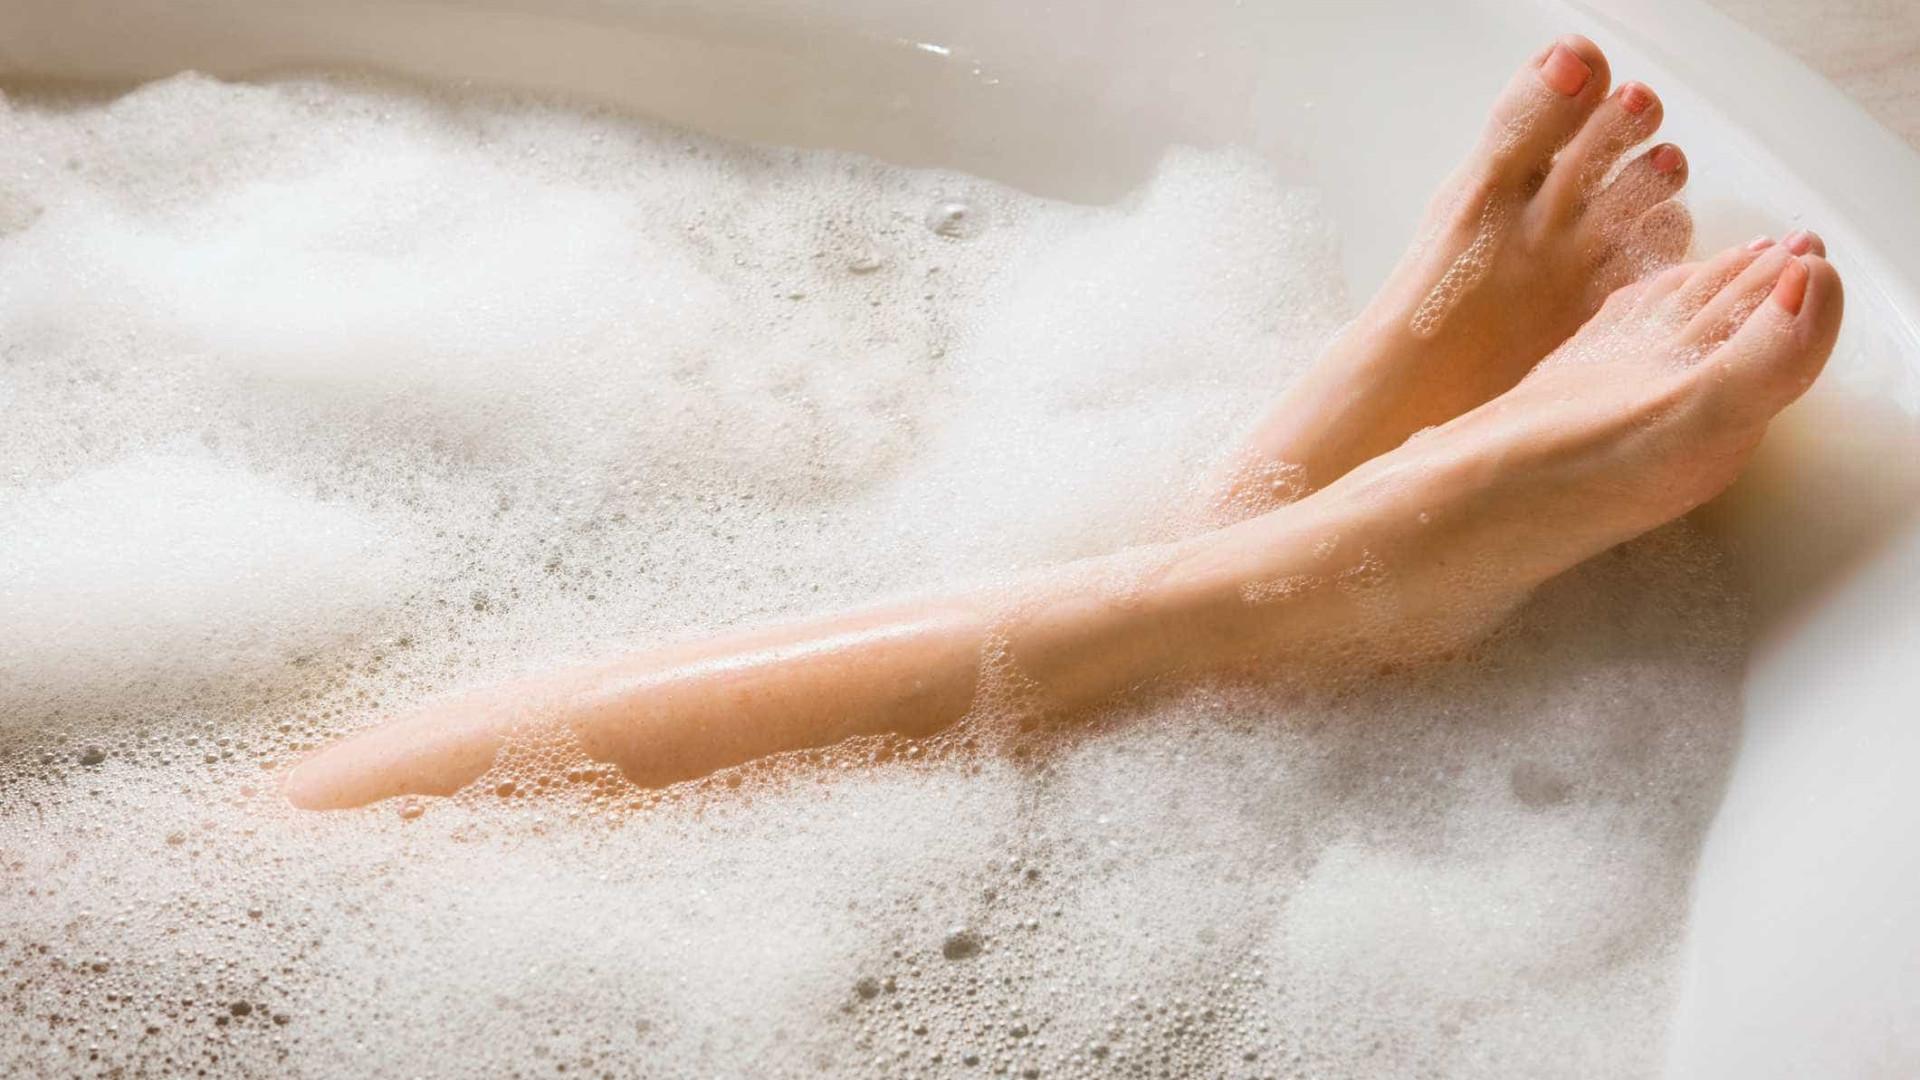 Banheira com gravidade zero dá a sensação de flutuar como astronautas